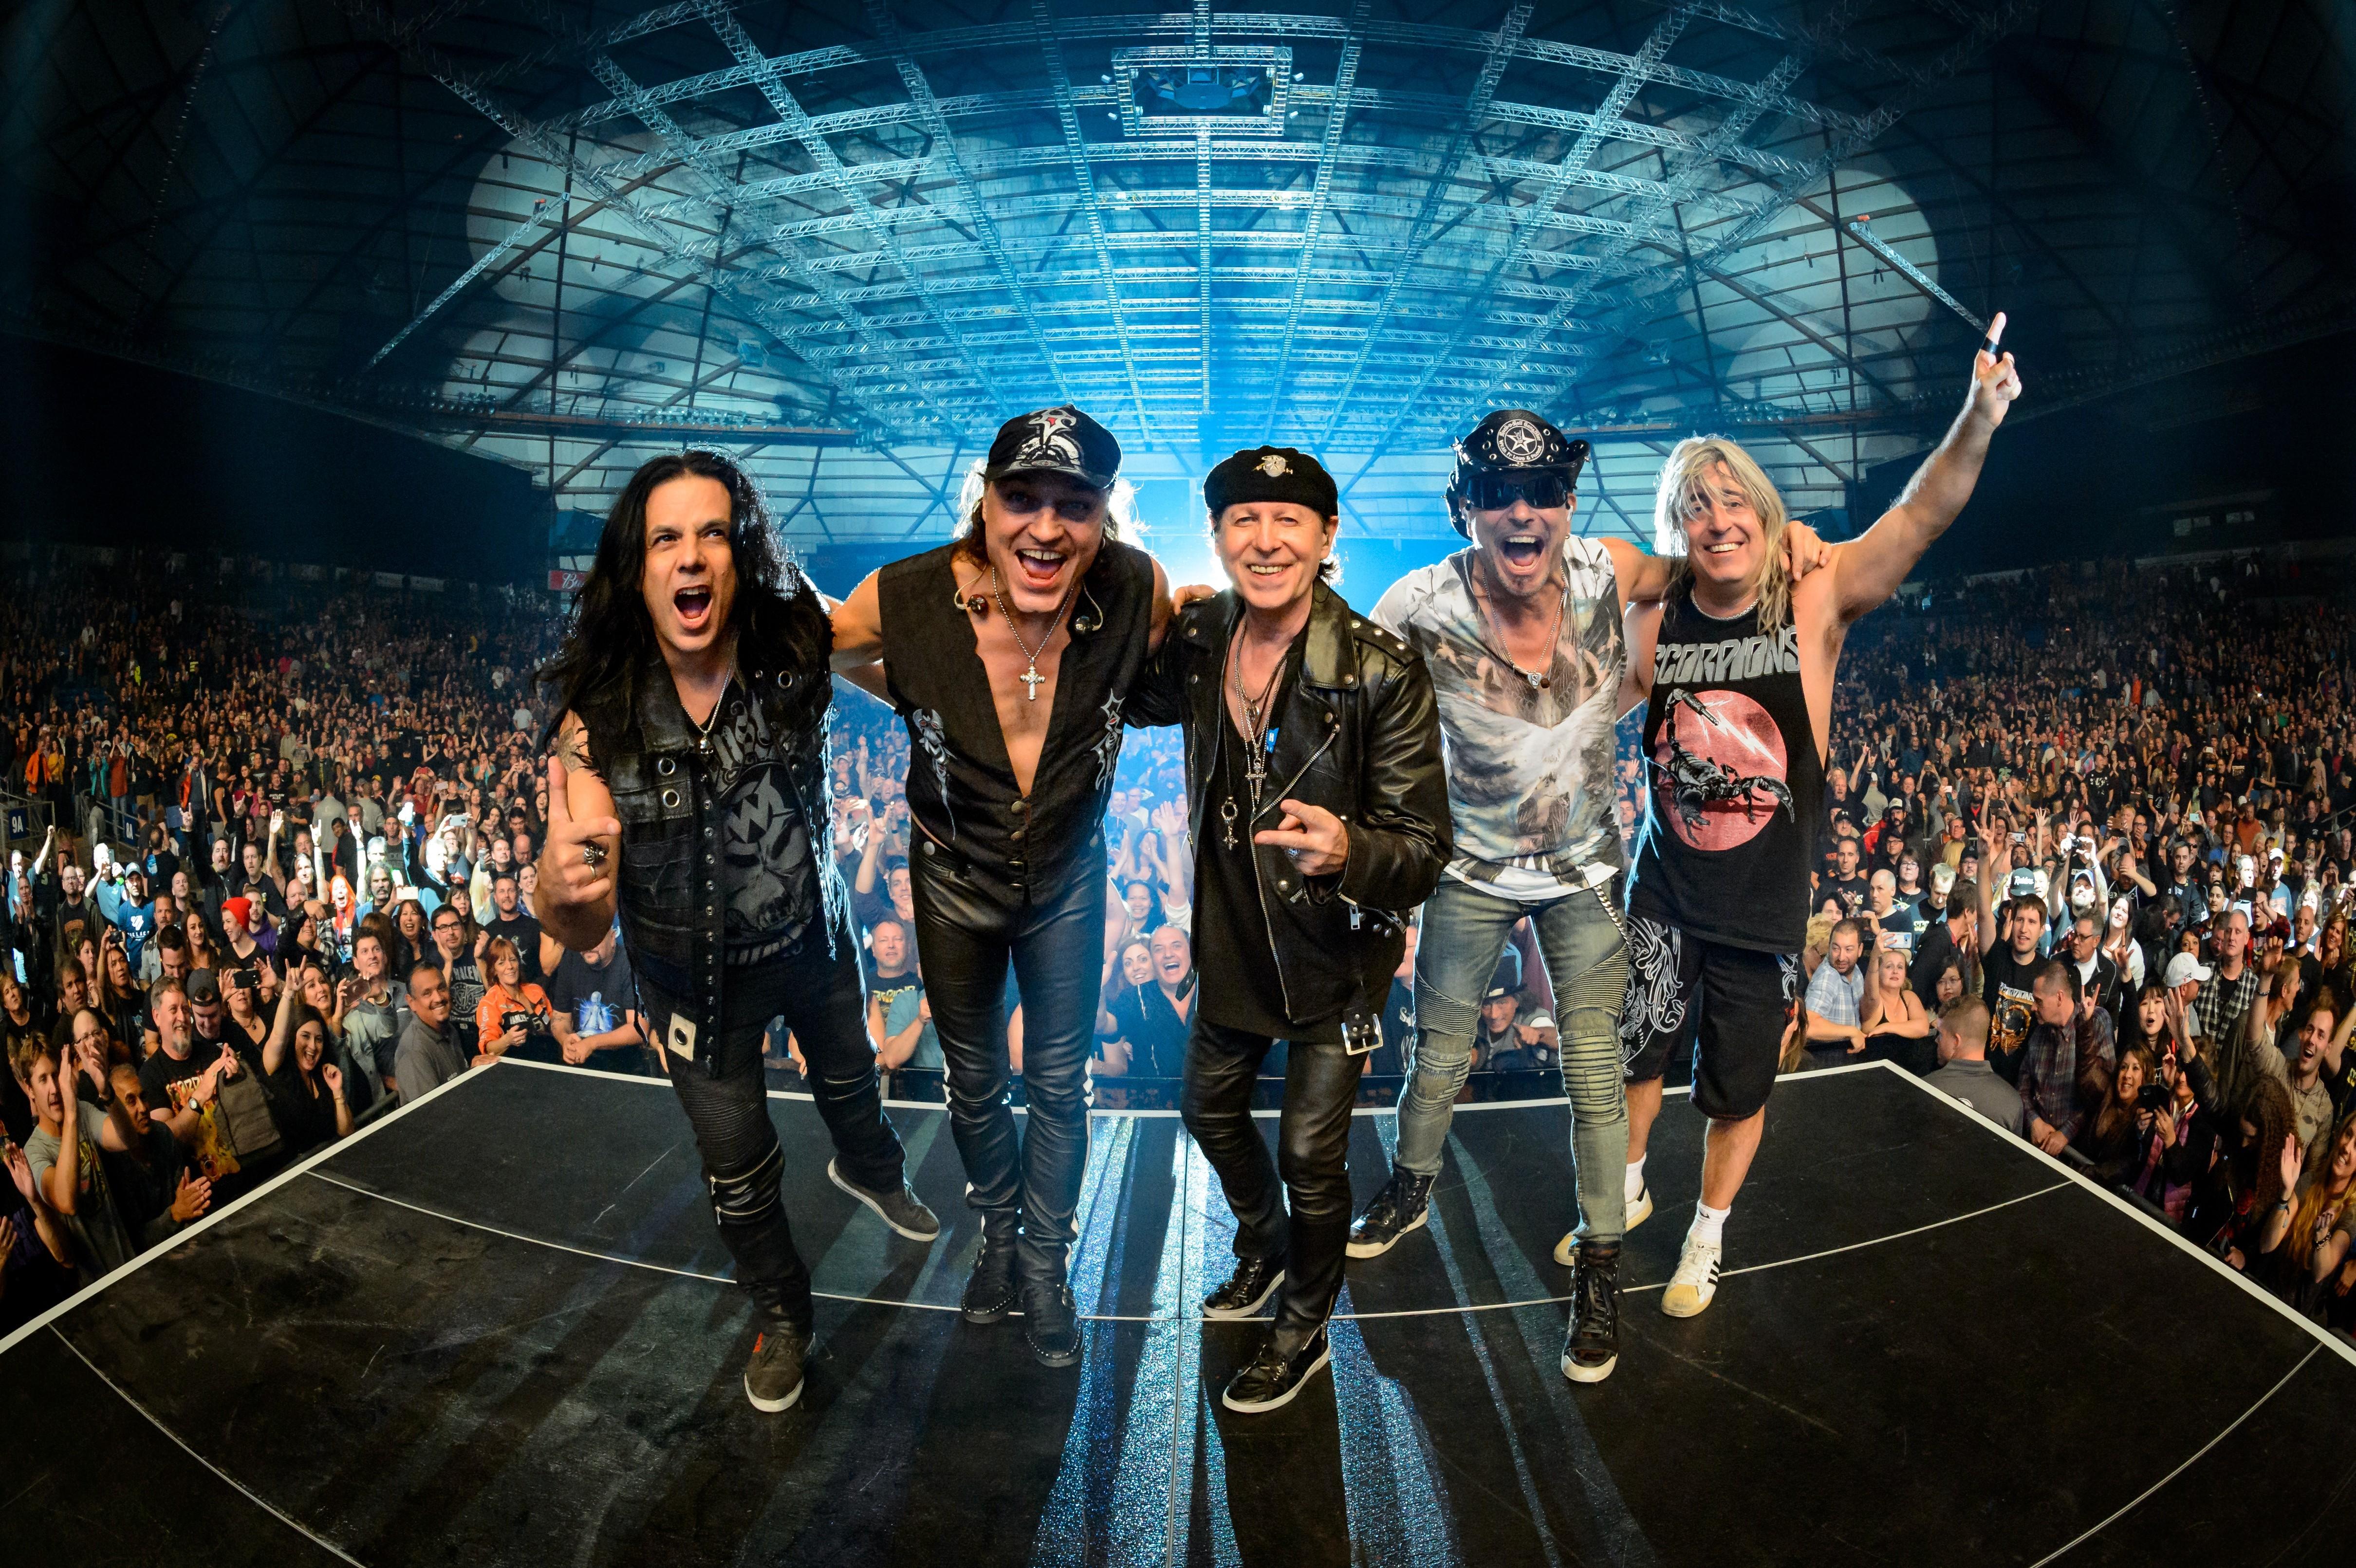 Scorpions recorda vinda ao Rock in Rio 1985 com reportagem especial sobre a banda - Notícias - Plantão Diário